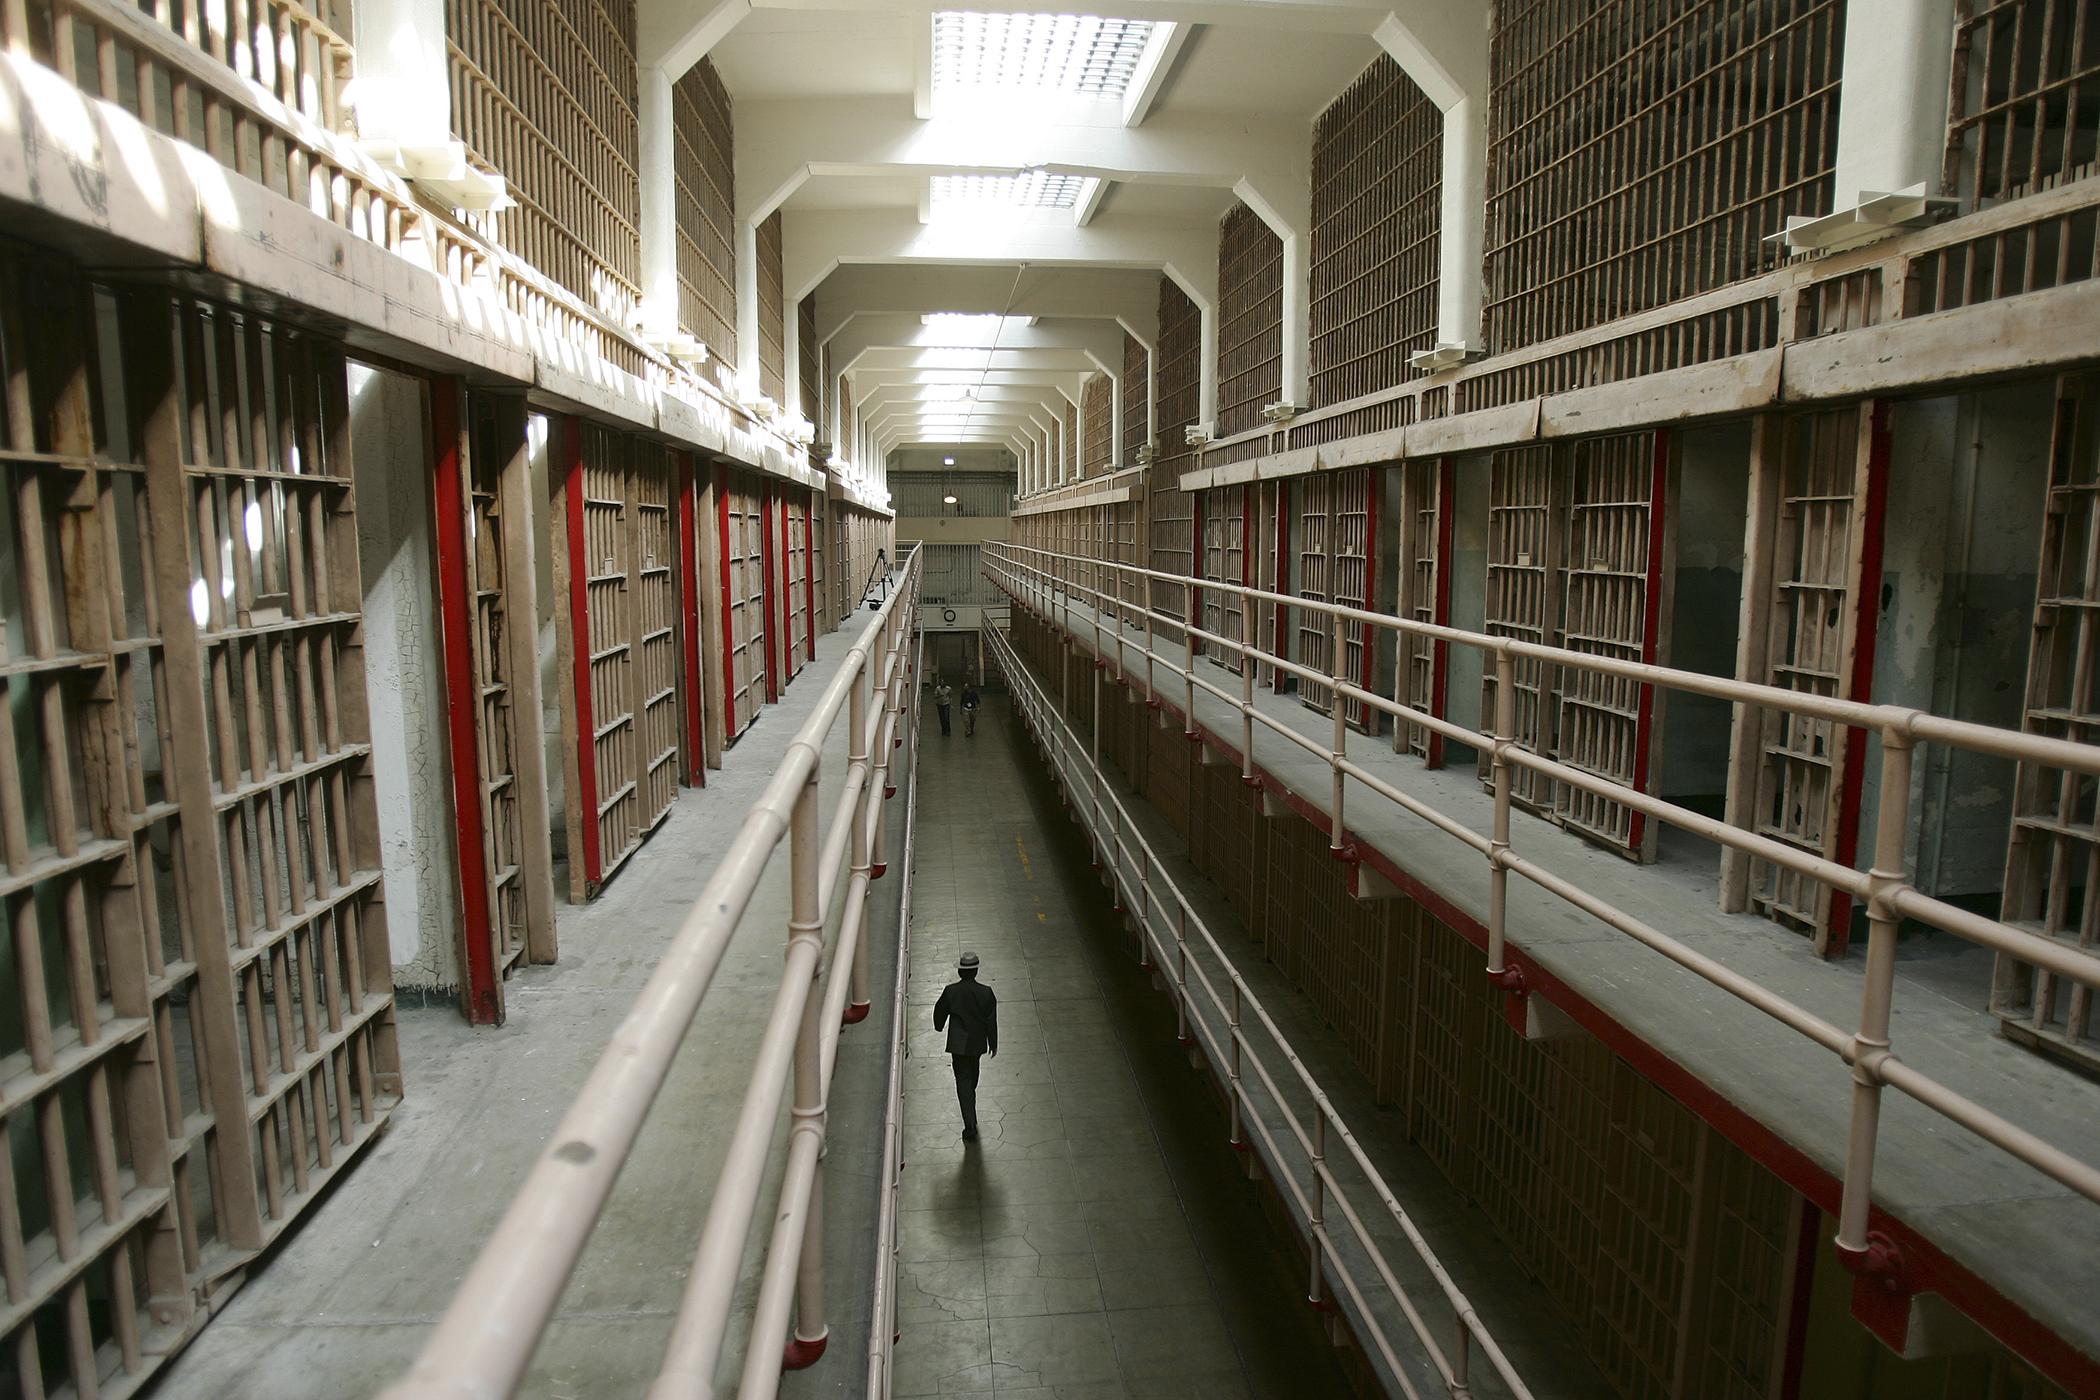 161021_GAL_HauntedPlaces_Alcatraz